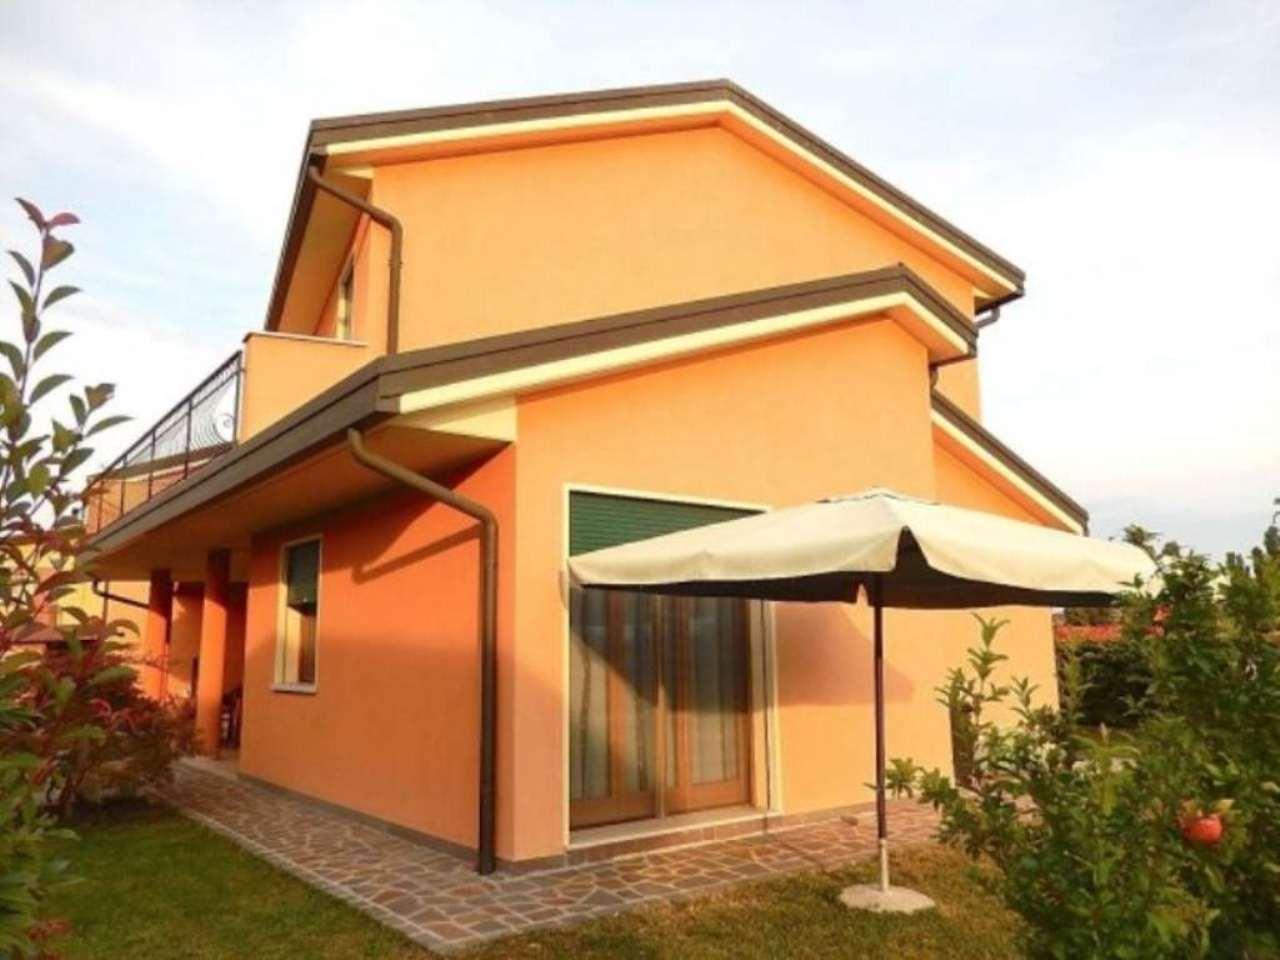 Villa in vendita a Piove di Sacco, 4 locali, prezzo € 375.000 | CambioCasa.it